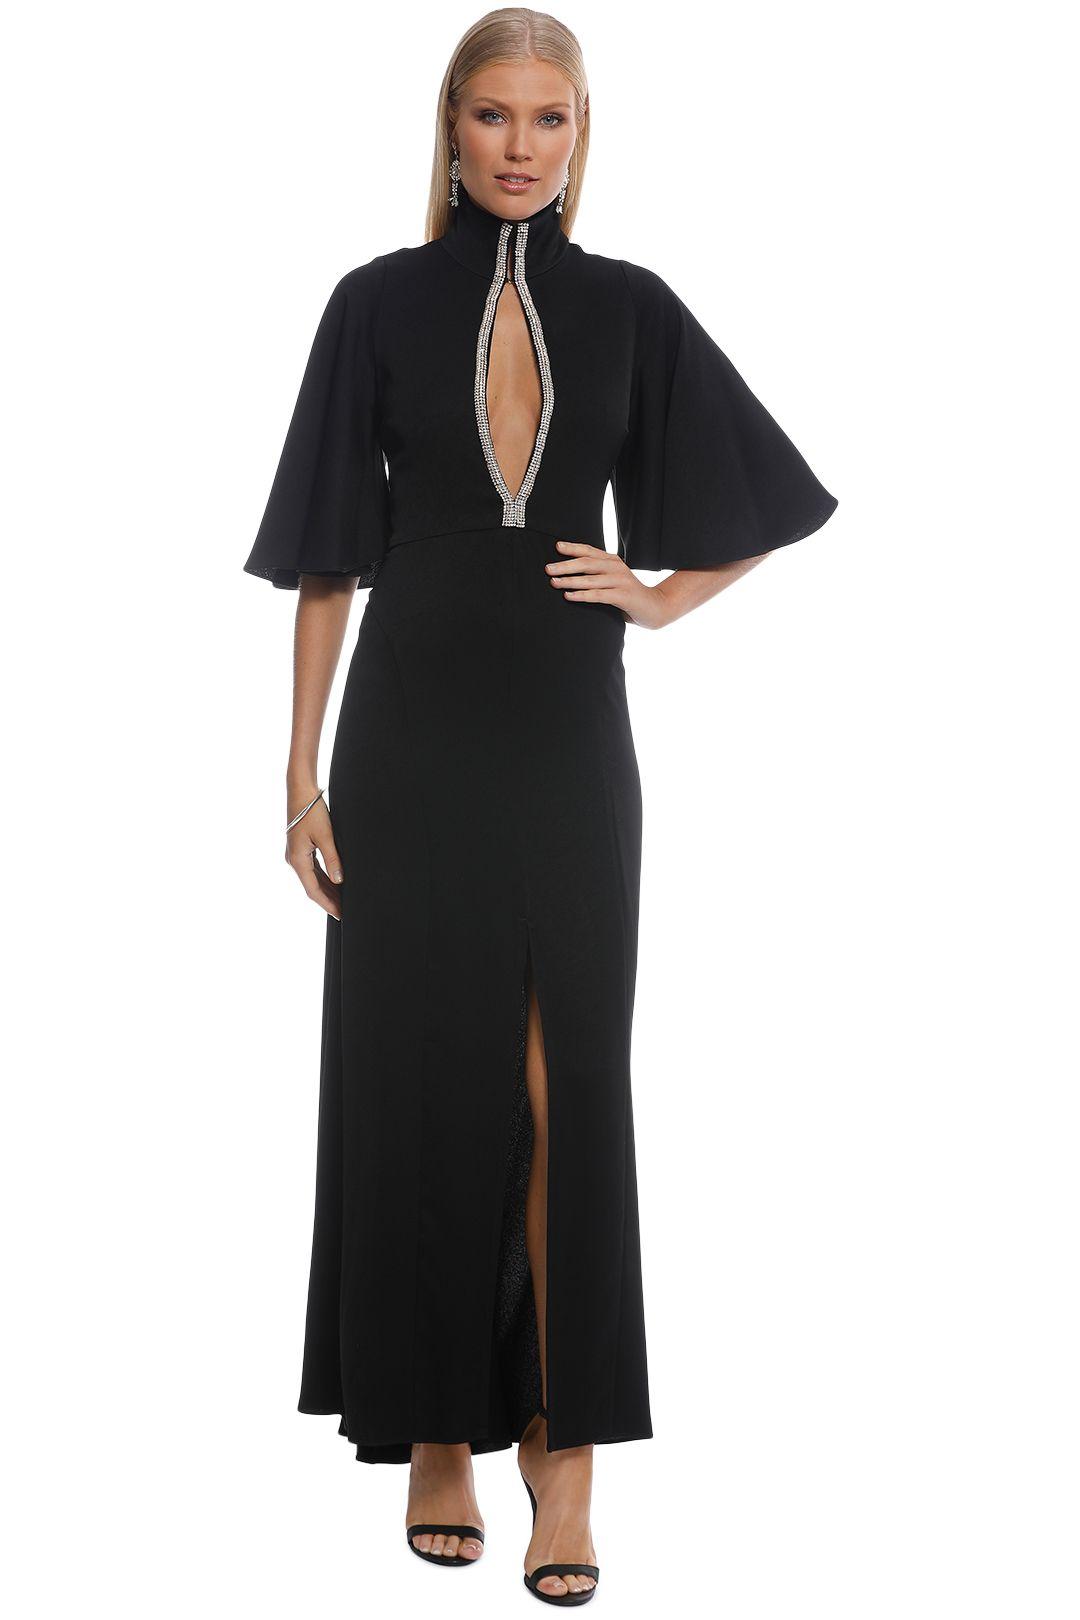 Ellery - Mae Funnel Neck Dress - Black  - Front